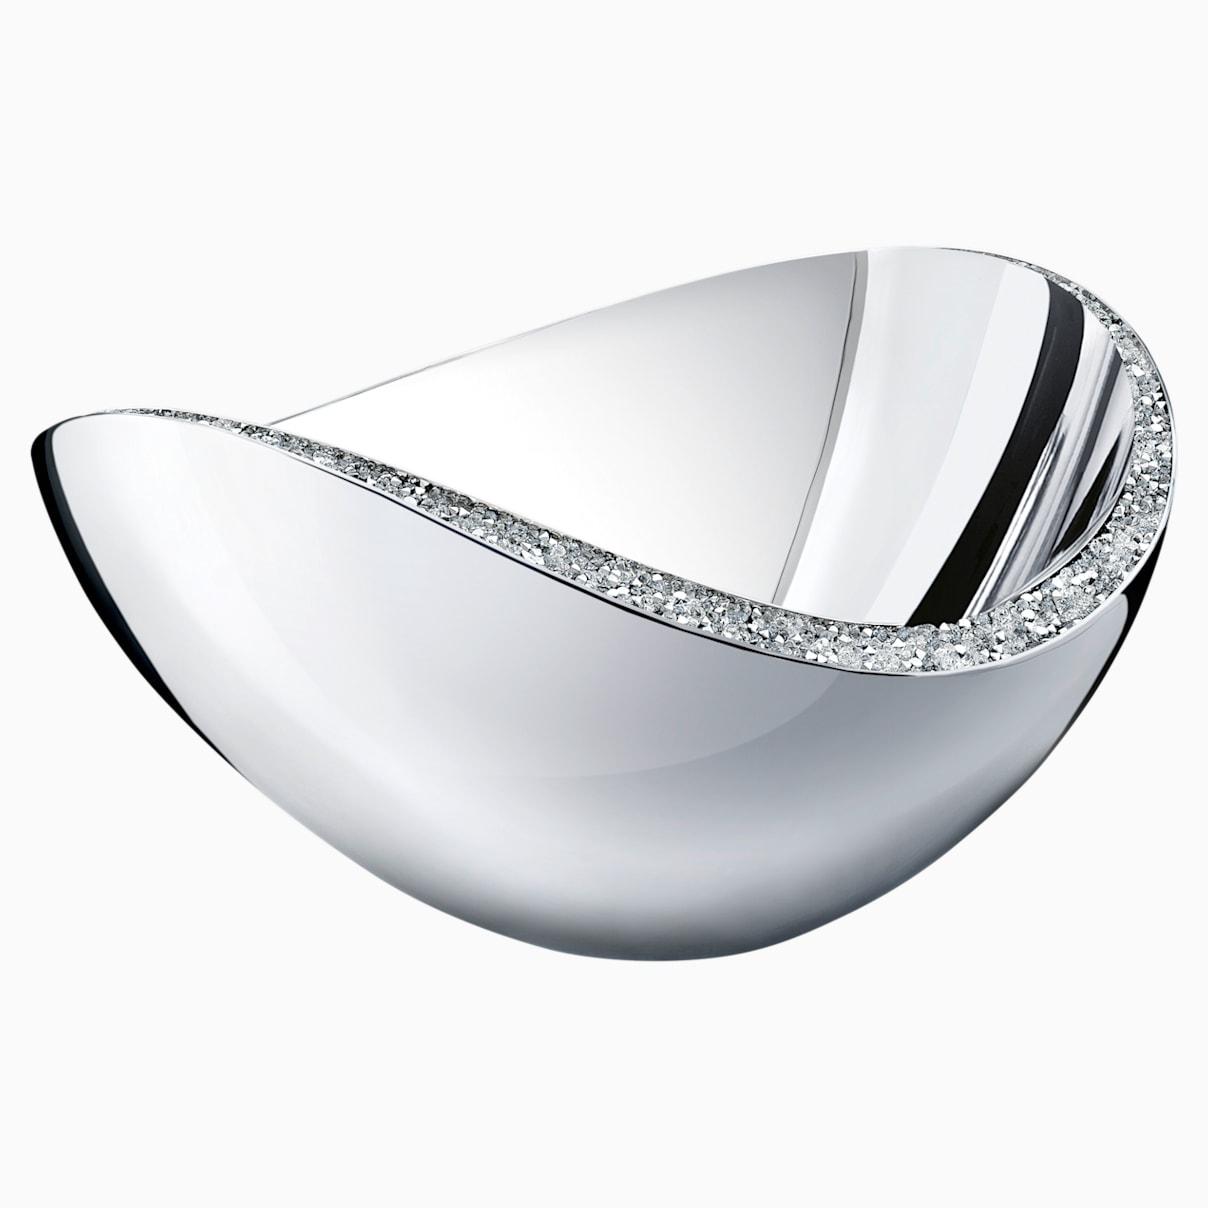 Coupe décorative minera moyen modèle